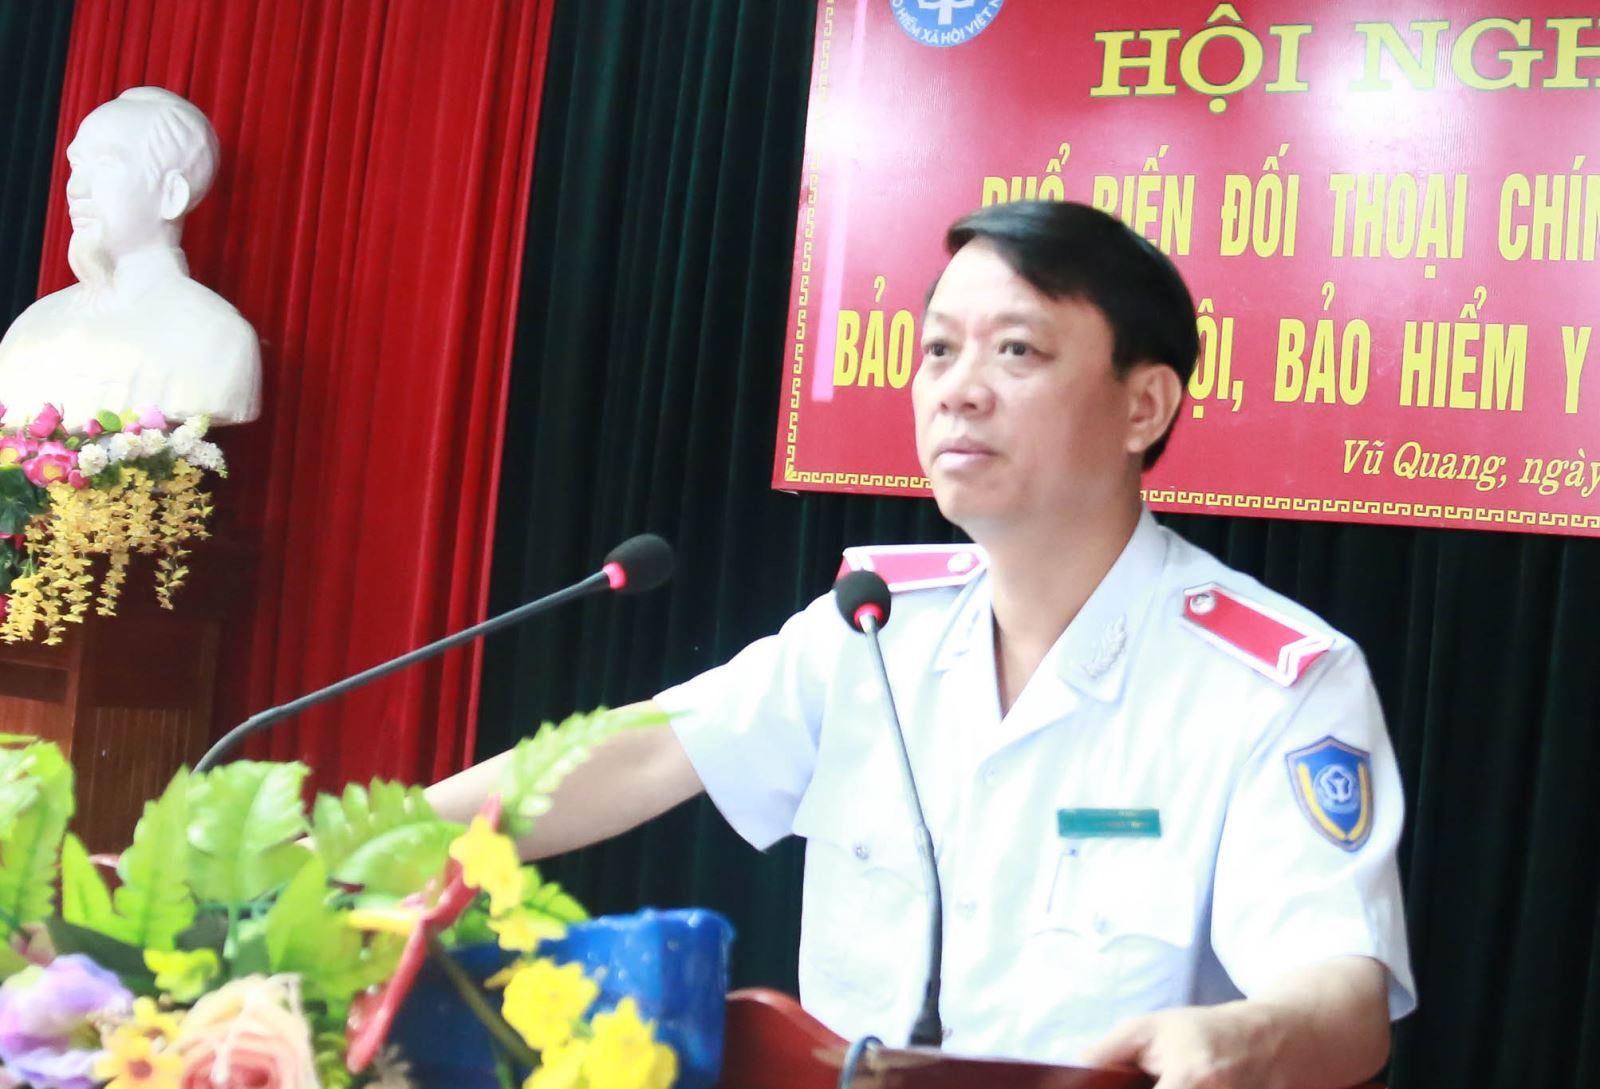 Hà Tĩnh: Đối thoại chính sách BHXH, BHYT